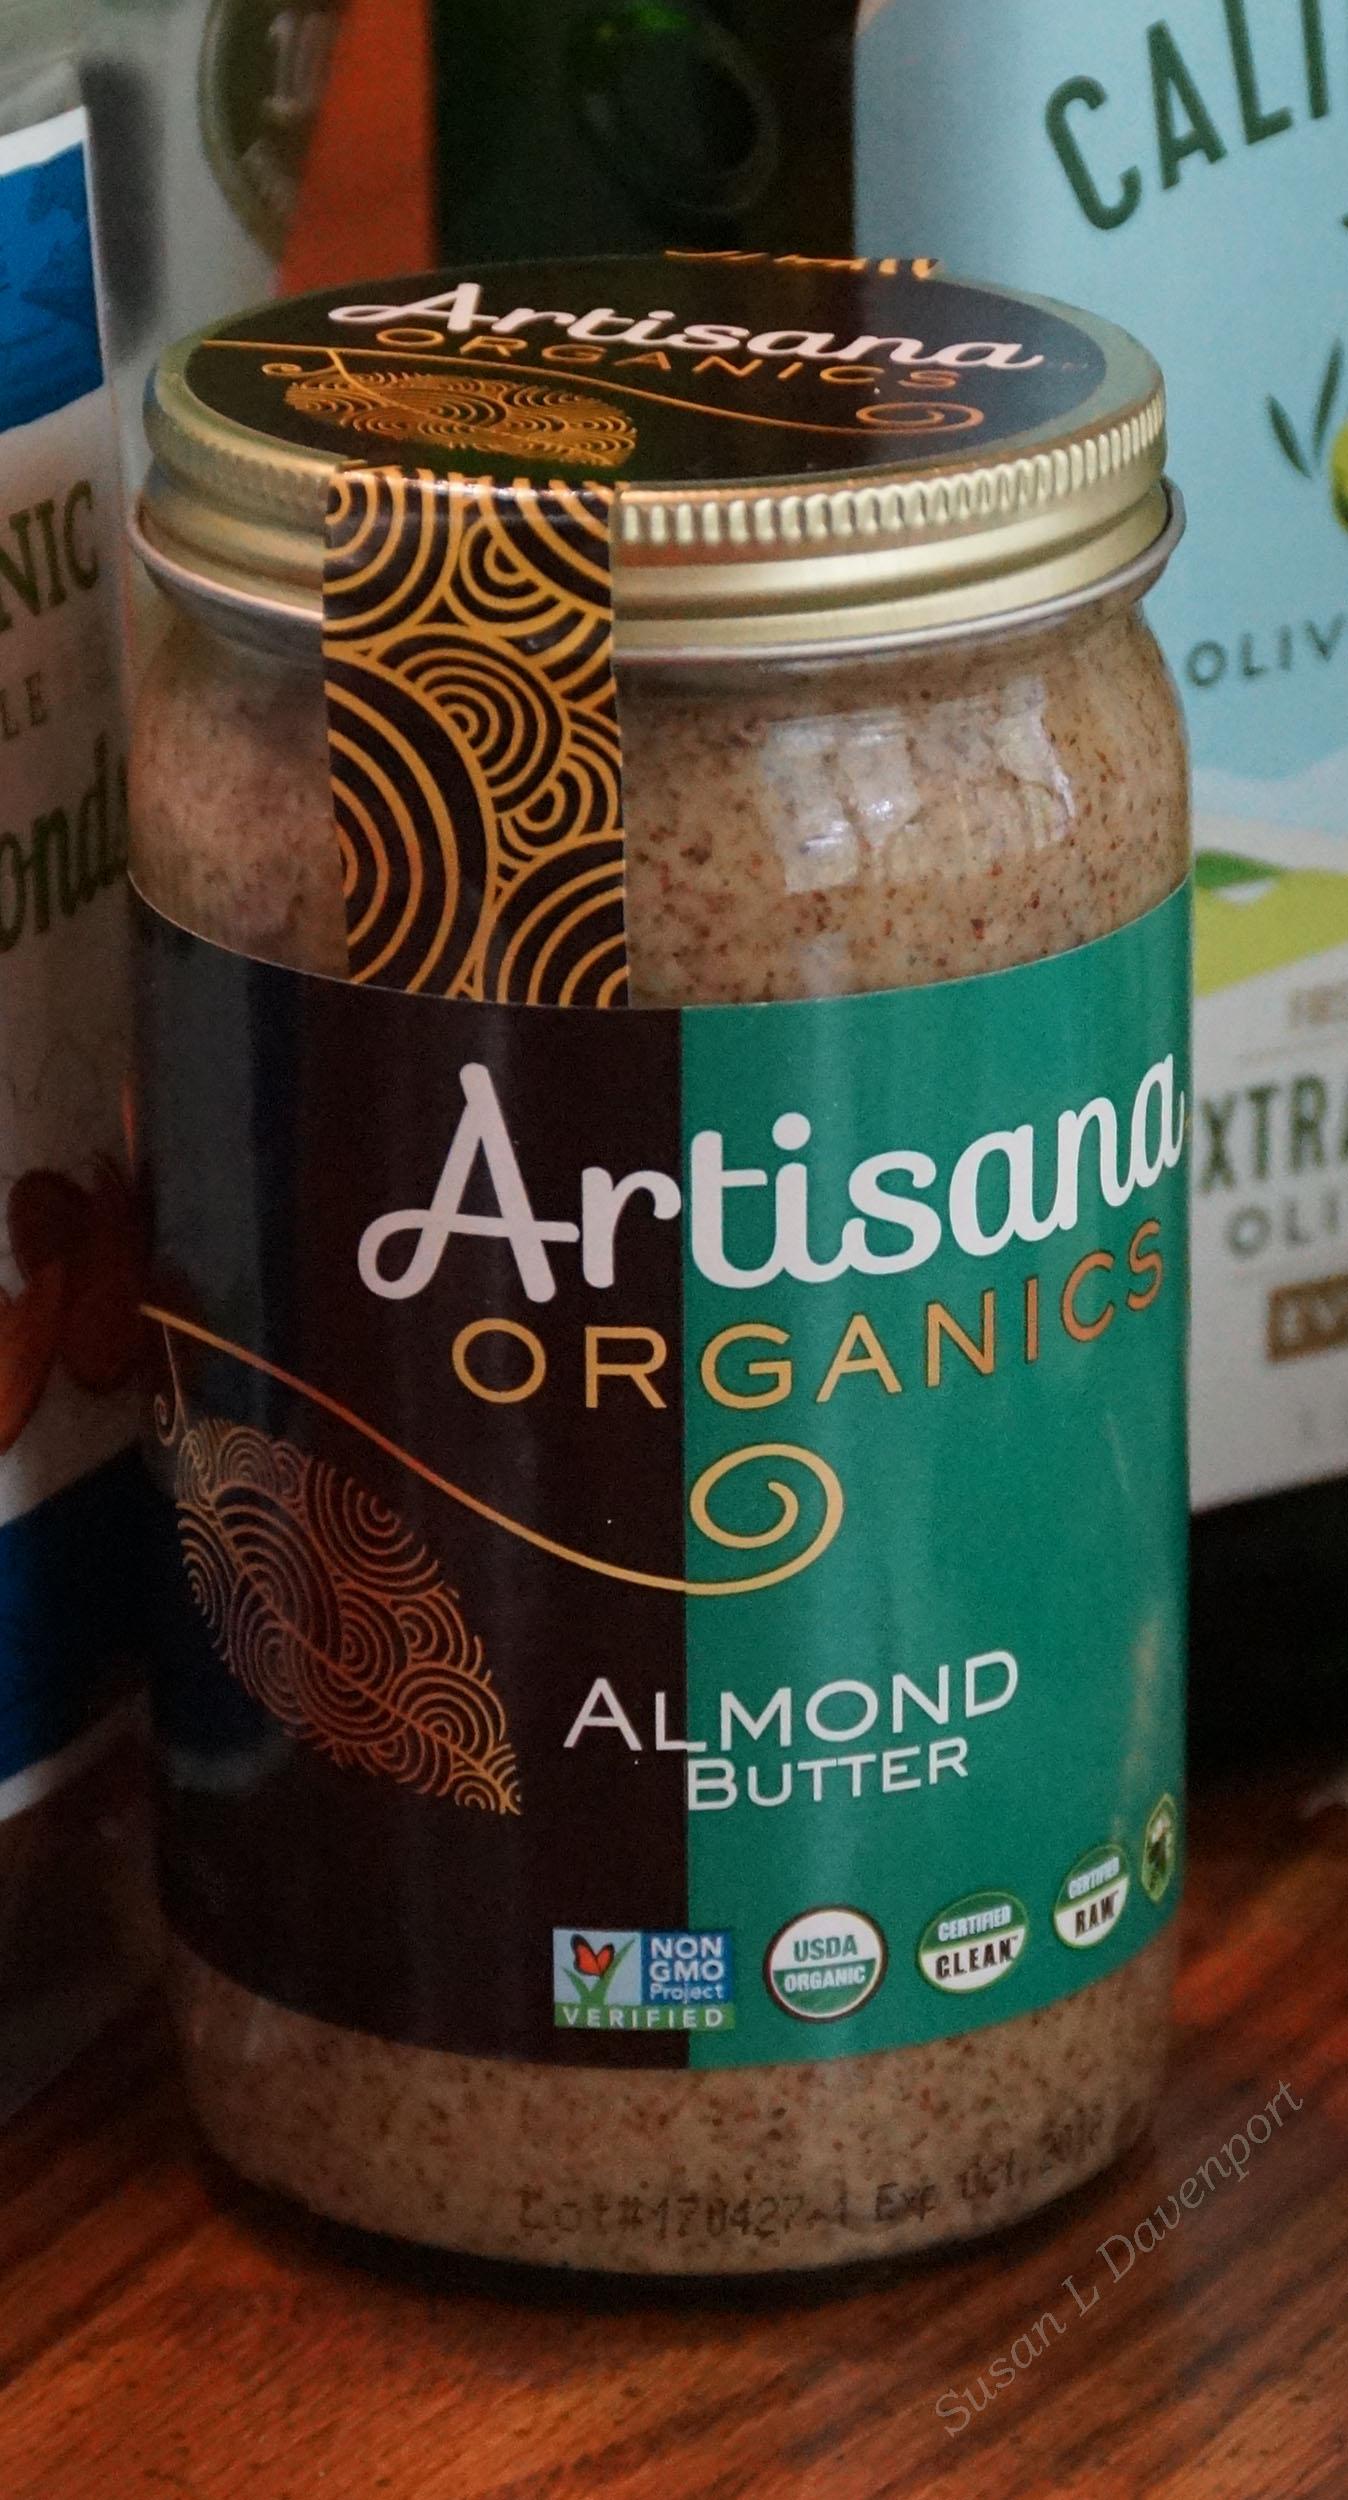 Nut Butters - Photo by Susan L. Davenport